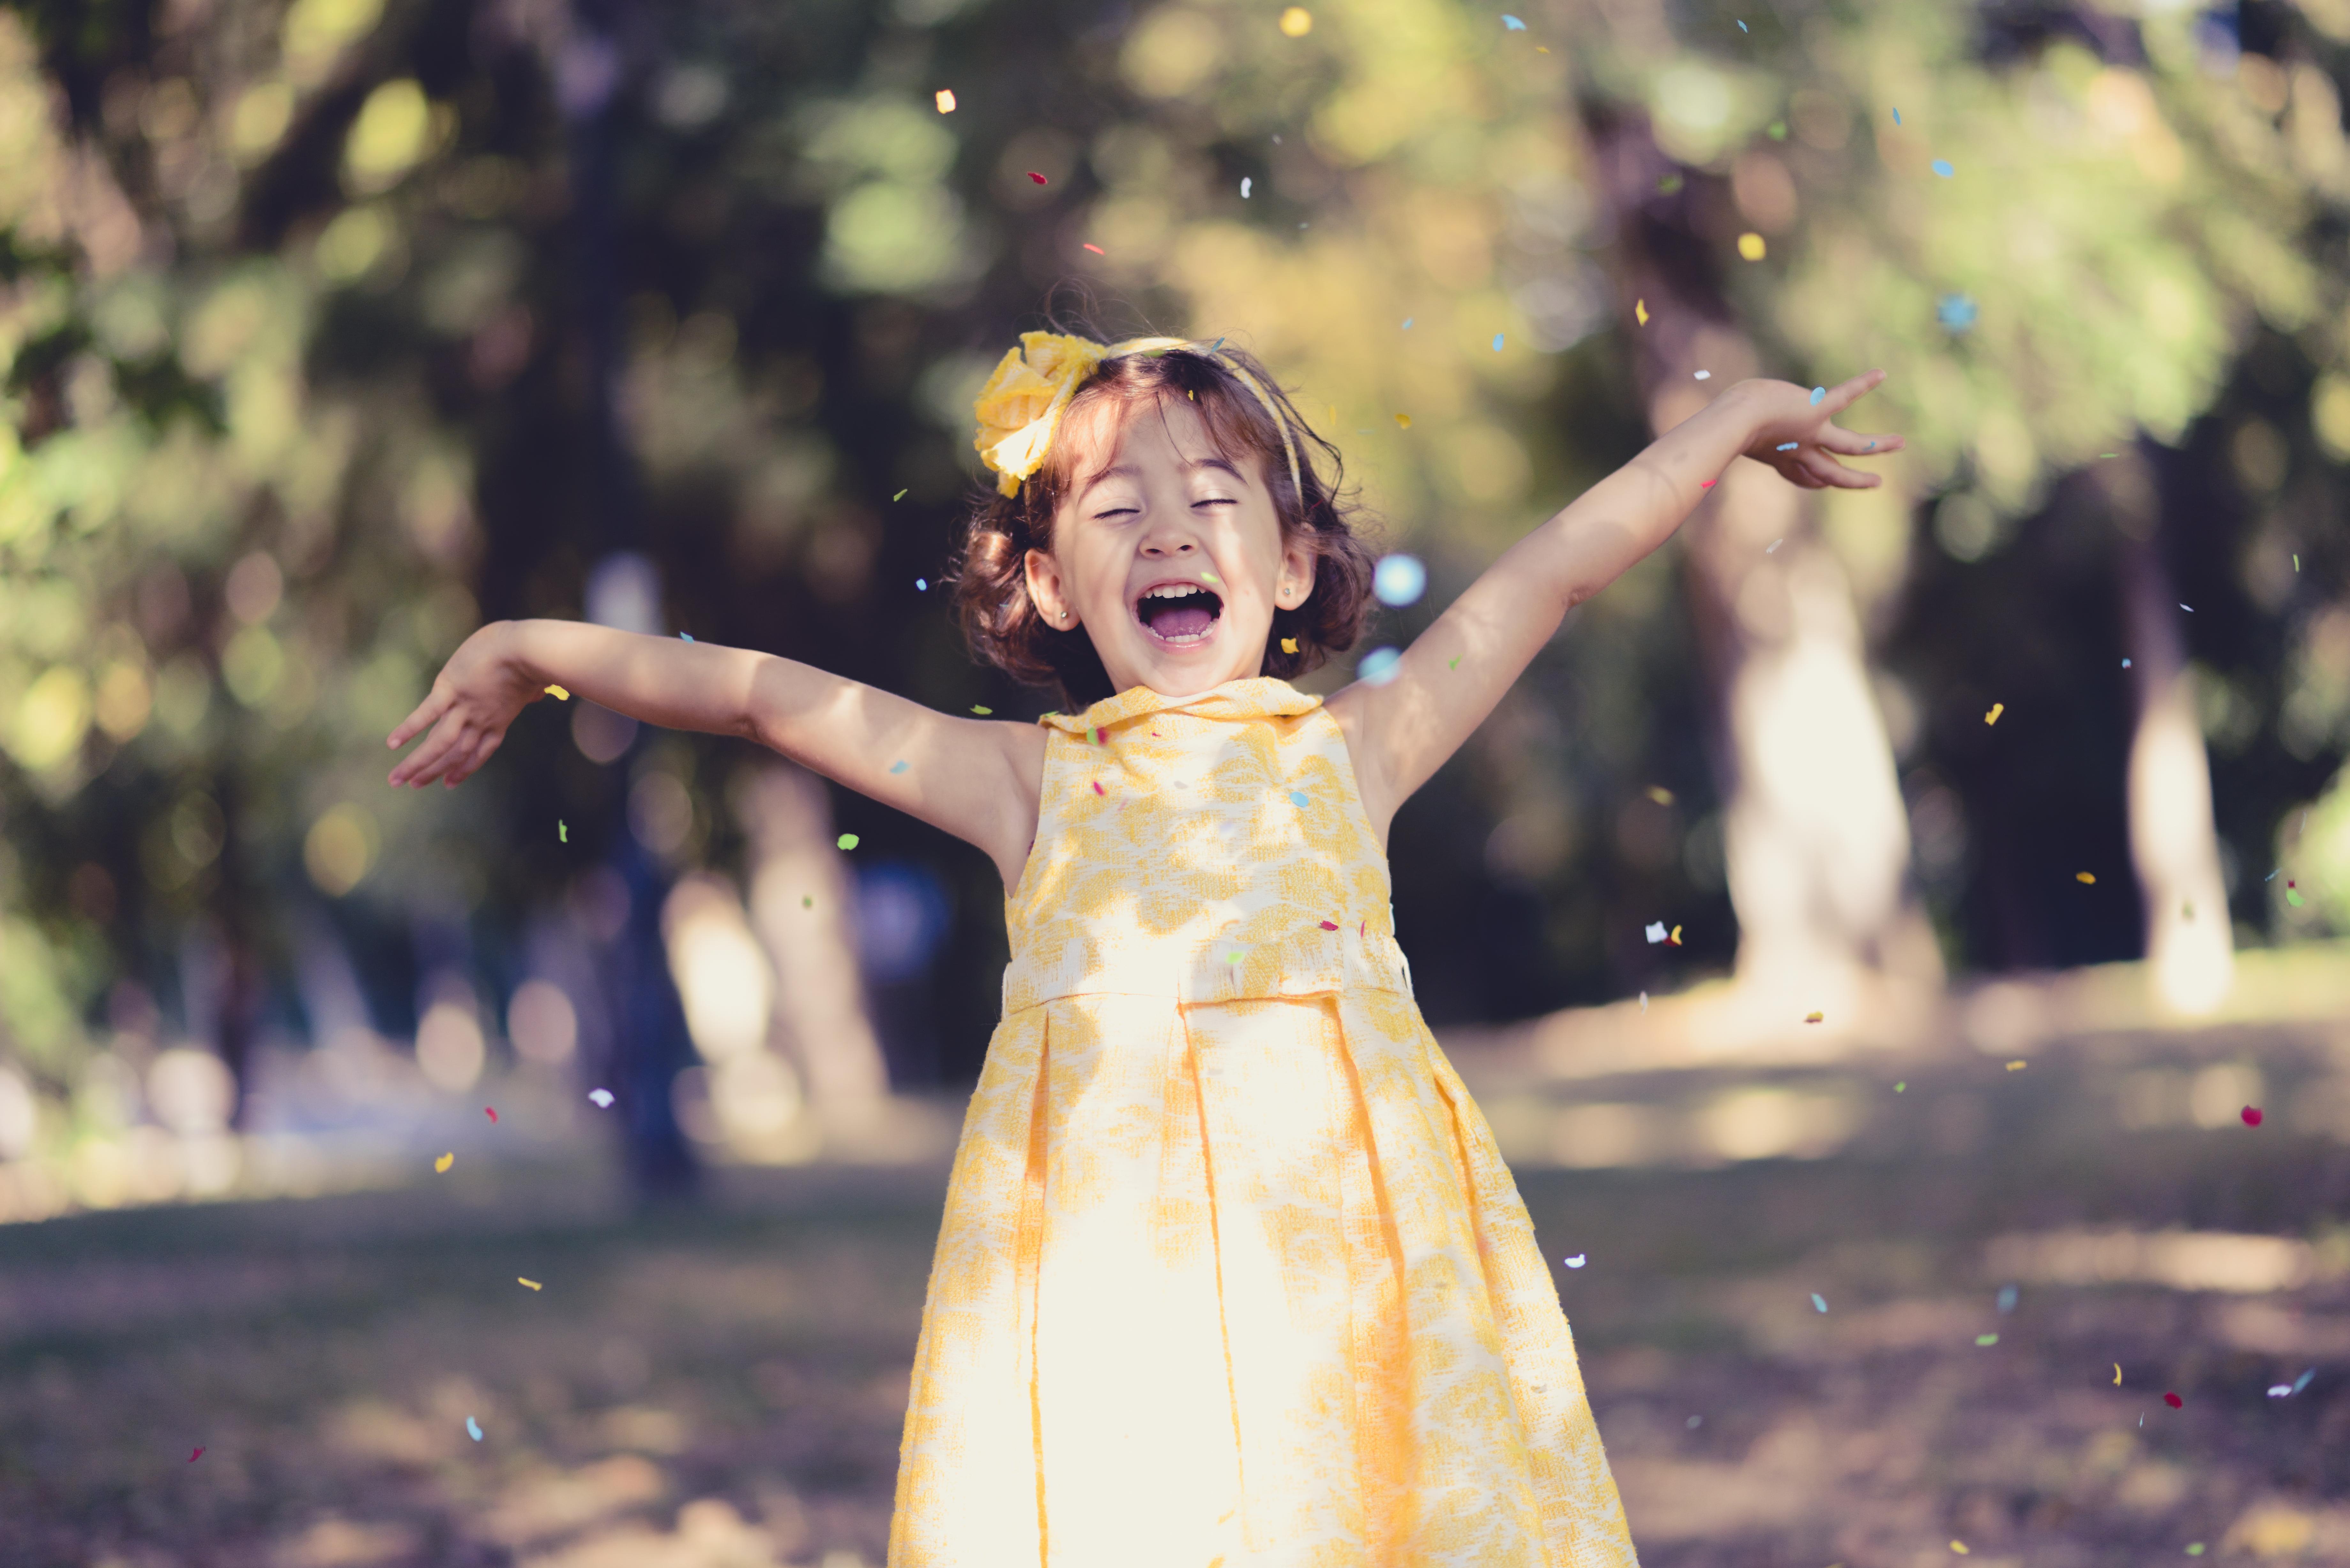 Aiutare i bambini a esprimere le emozioni